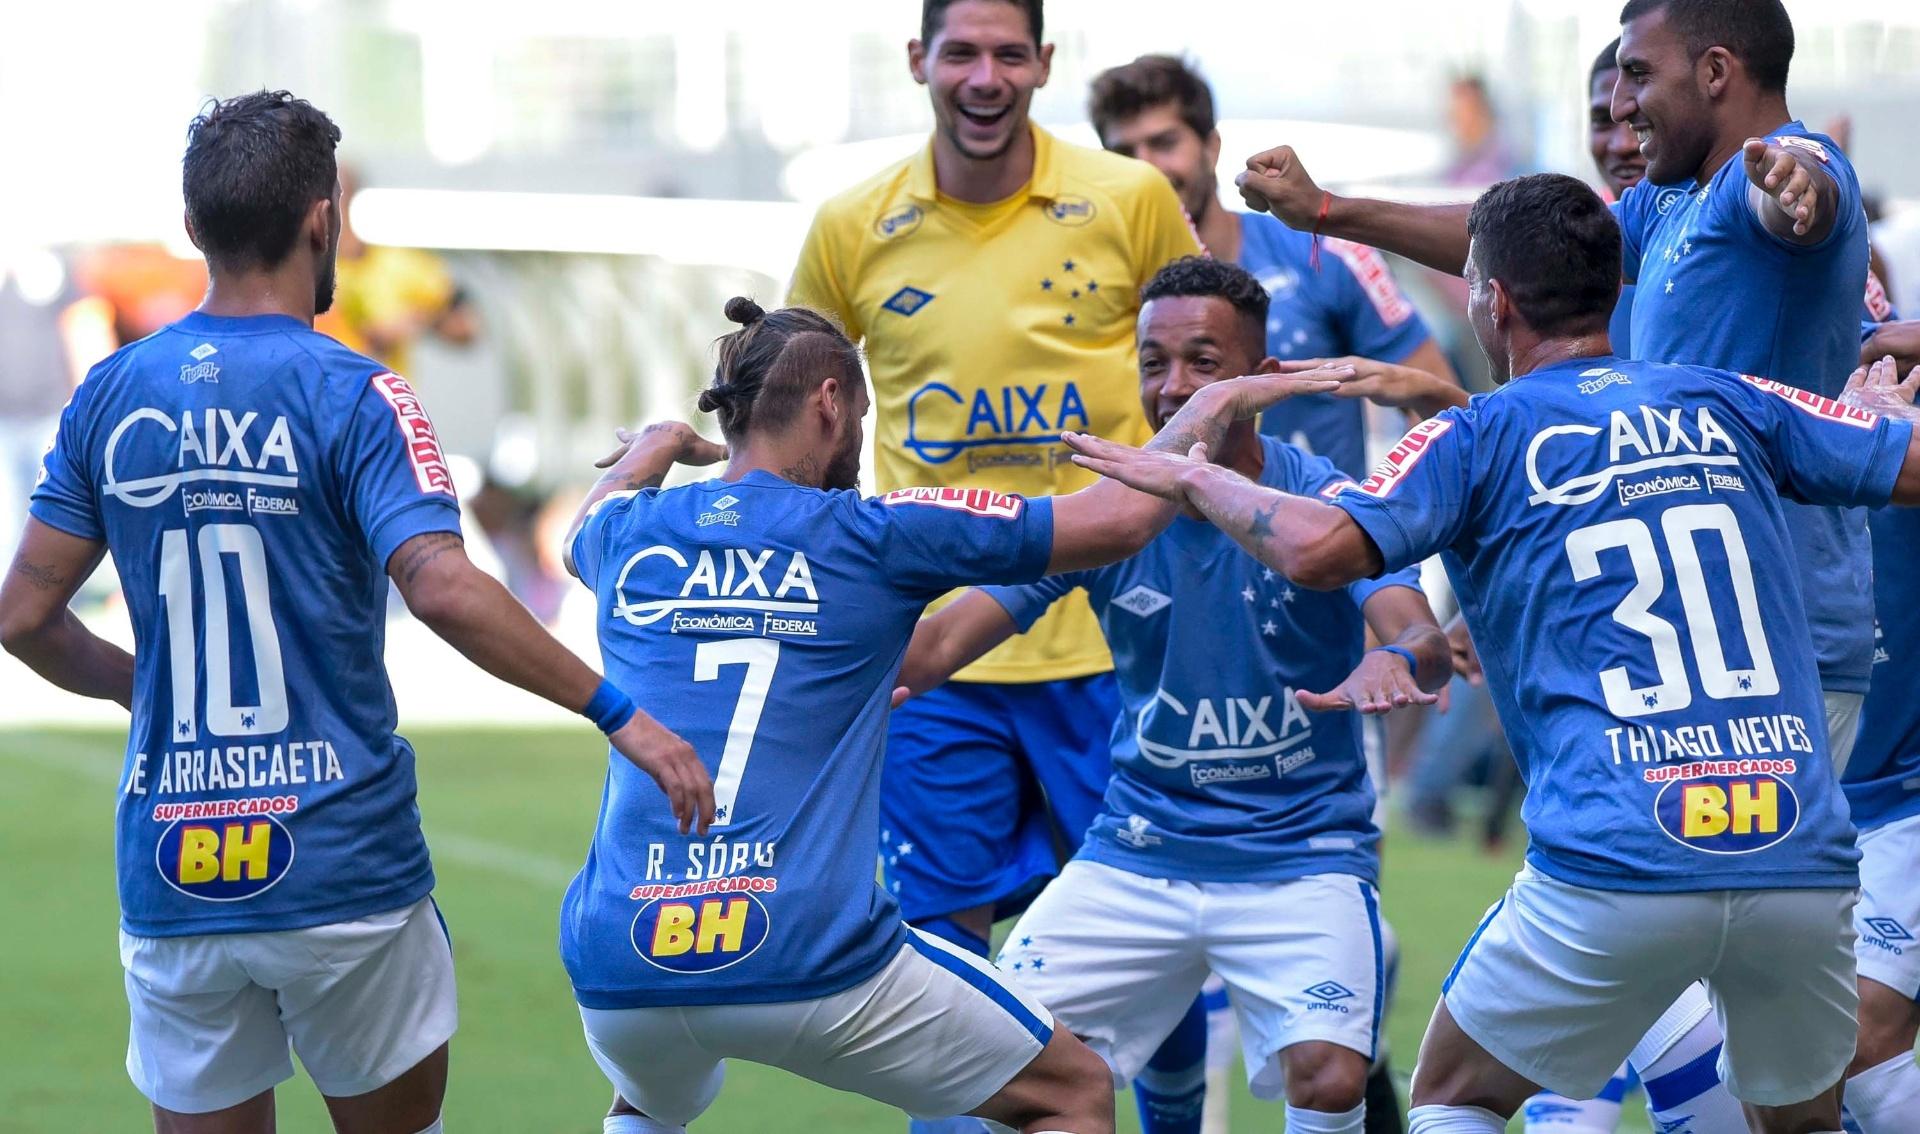 eea2eed6ea Cruzeiro vence clássico contra América-MG e dorme na liderança do Mineiro -  12 03 2017 - UOL Esporte